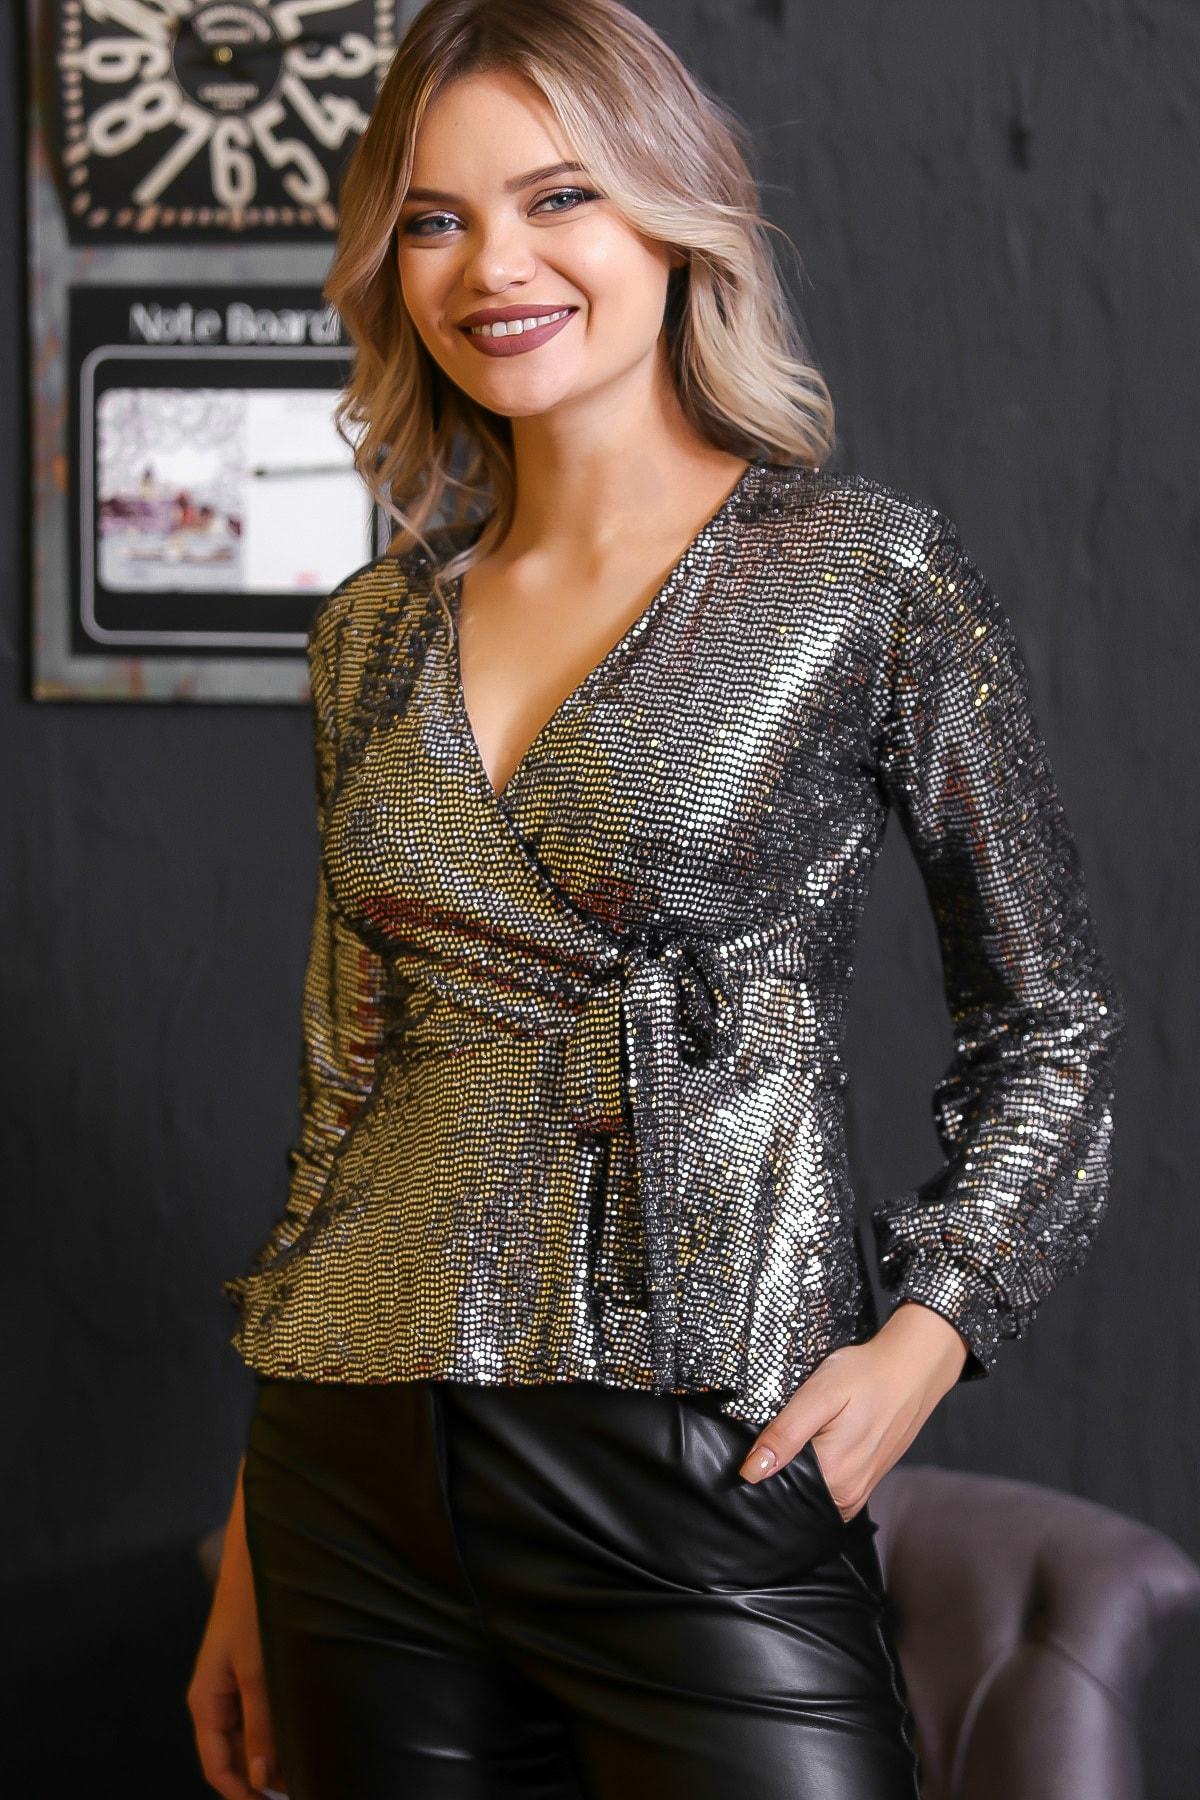 Chiccy Kadın Gümüş Bağlama Detaylı Işıltılı Bluz M10010200BL95672